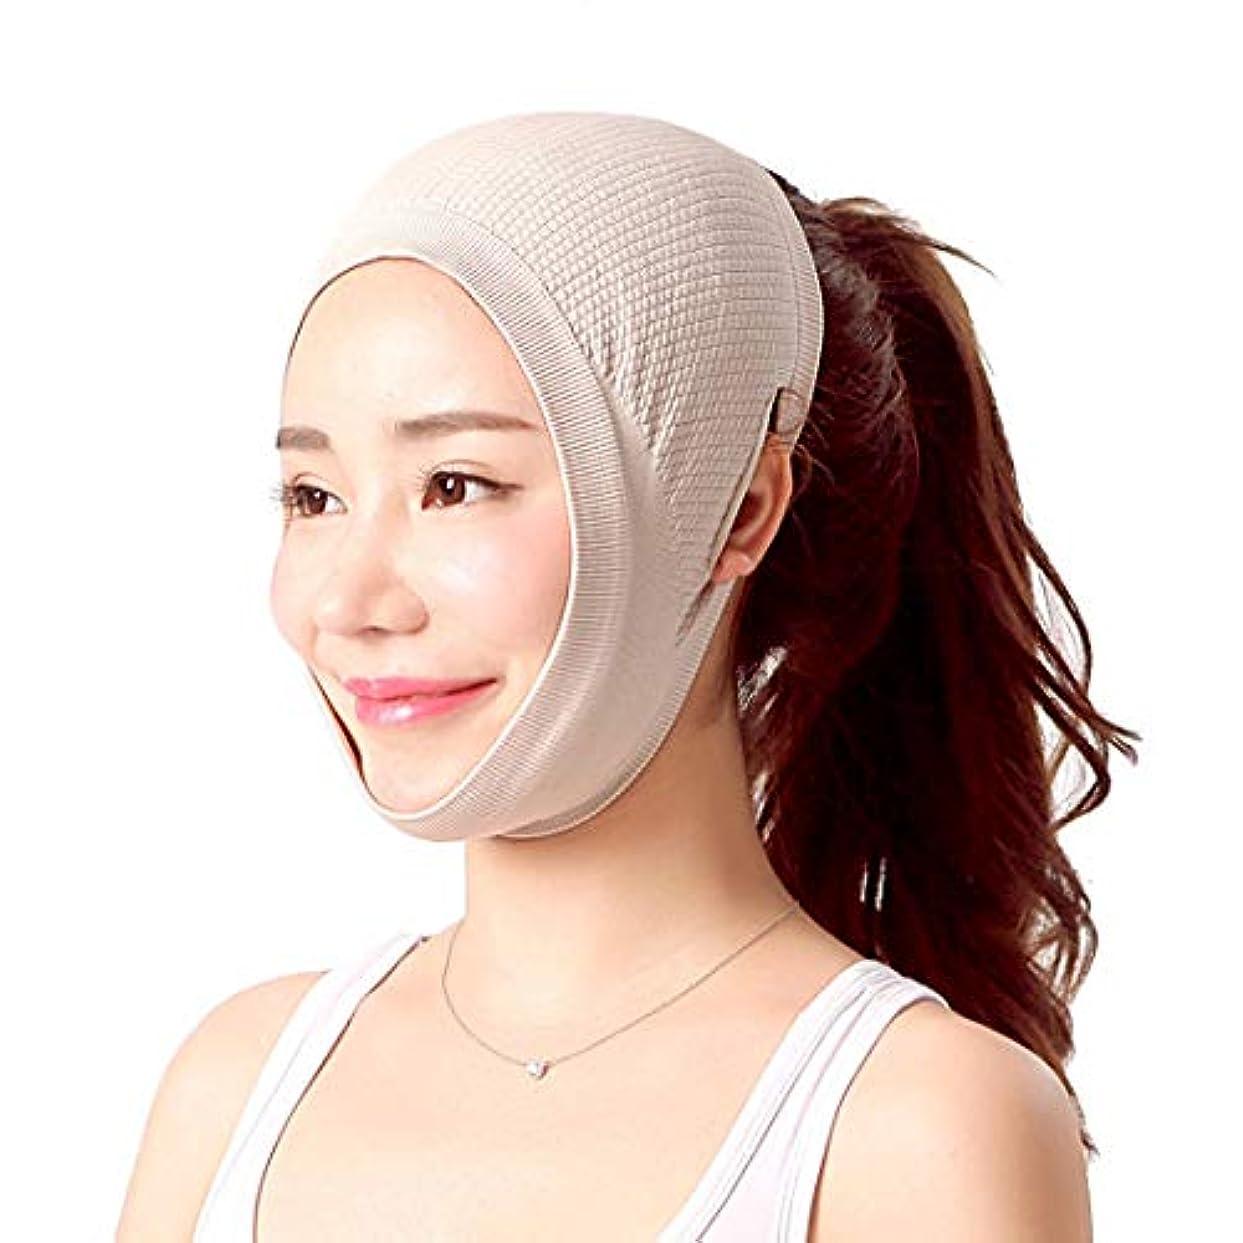 簿記係ホーム静脈ZWBD フェイスマスク, 減量の包帯を取除くために皮の包帯、二重あごをきつく締めるための顔の包帯が付いている顔の減量のマスクは調節することができます